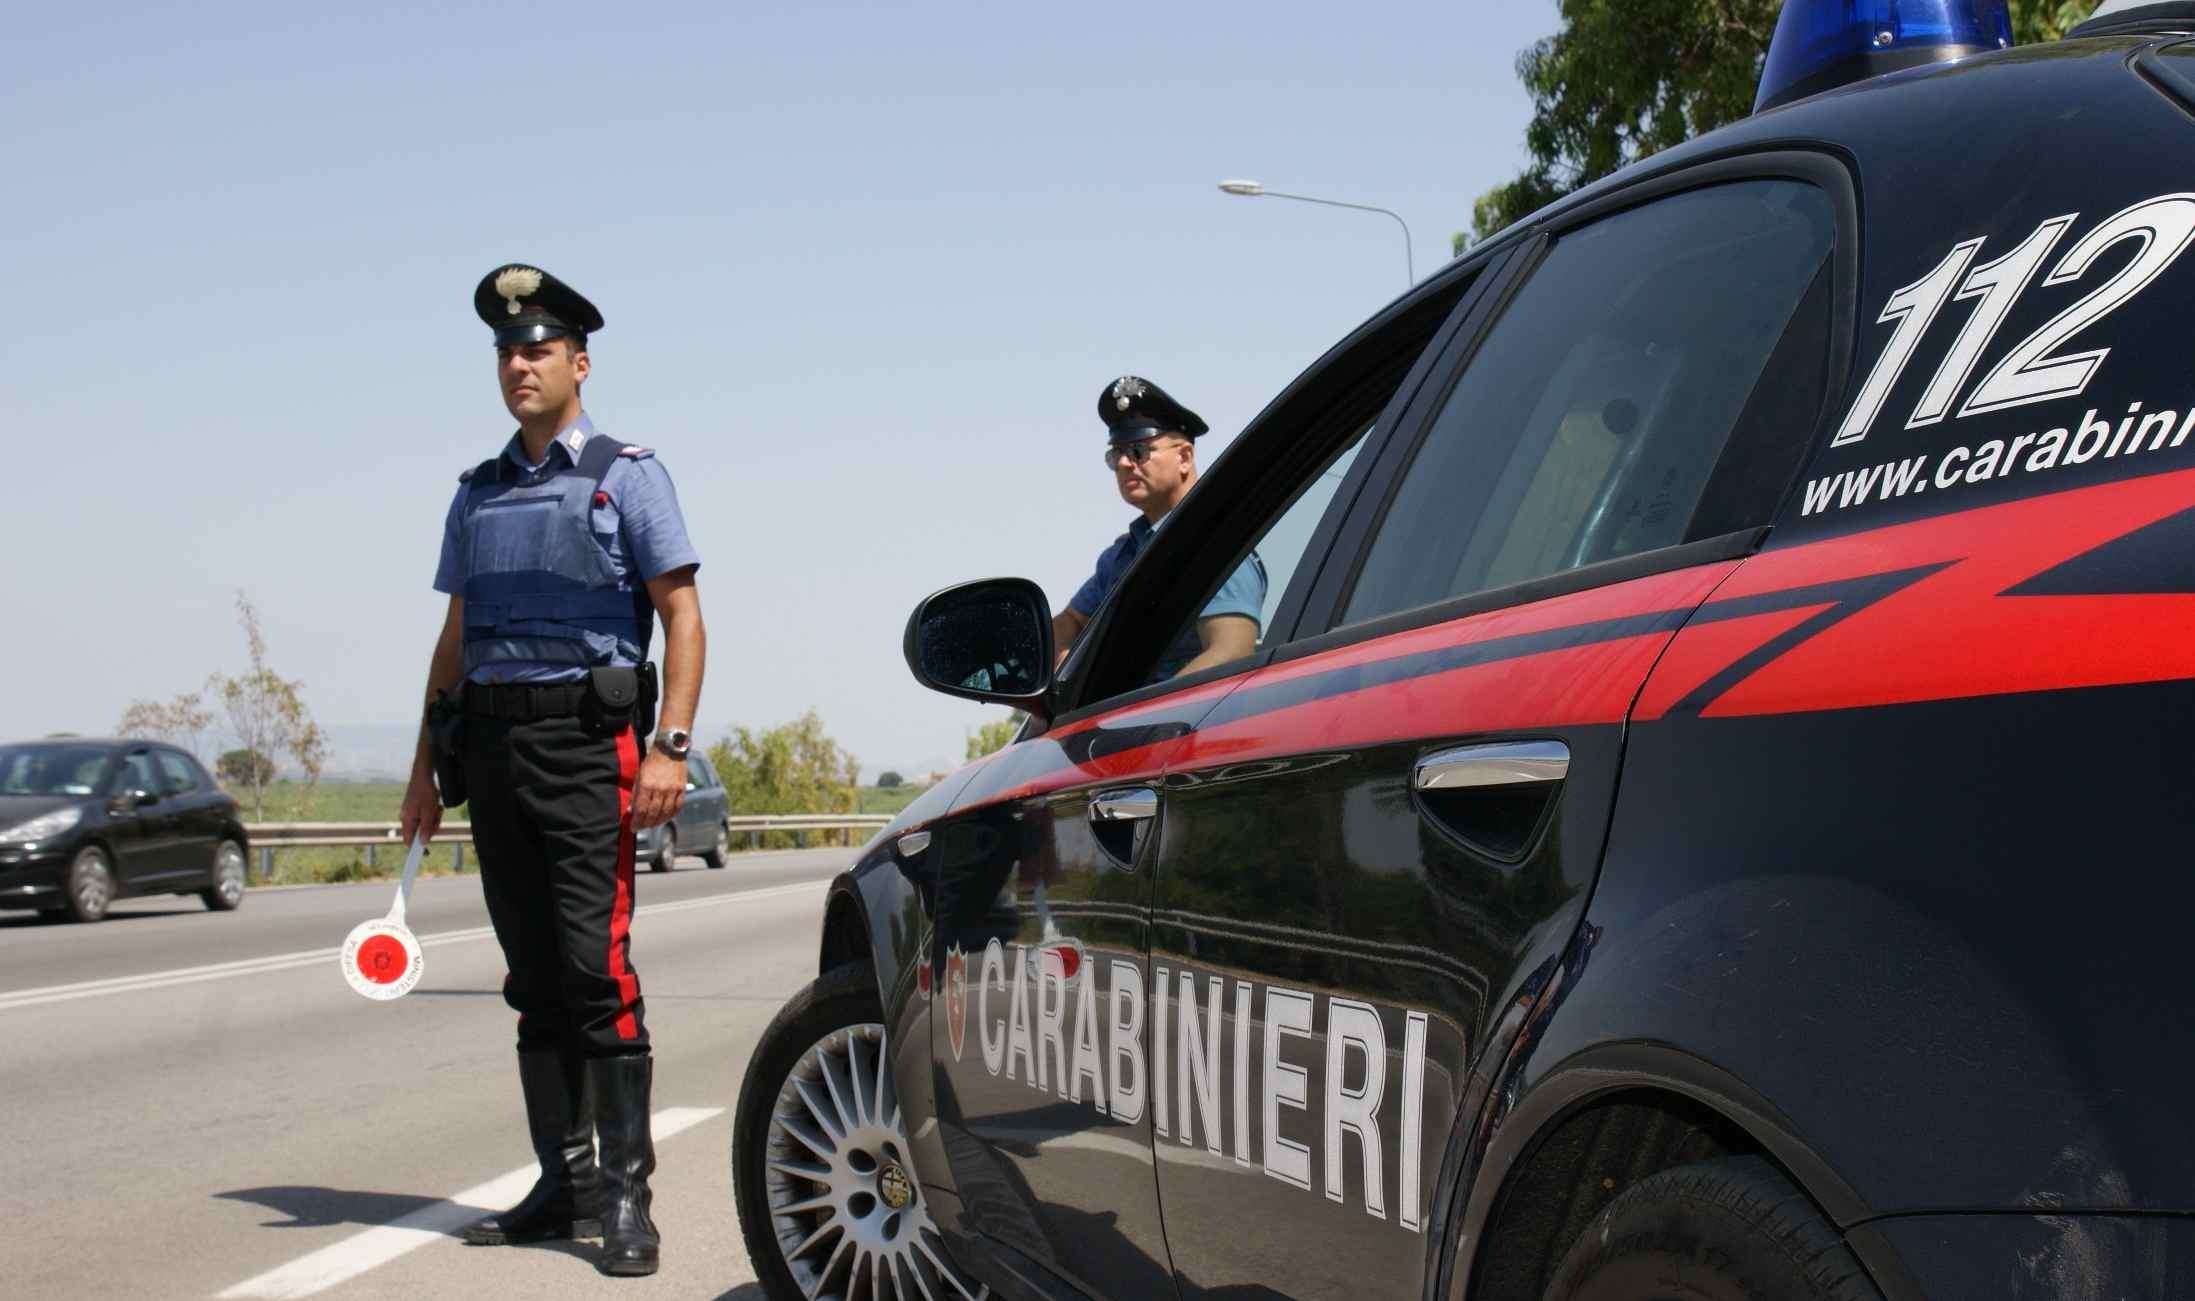 Carabinieri policia italiana